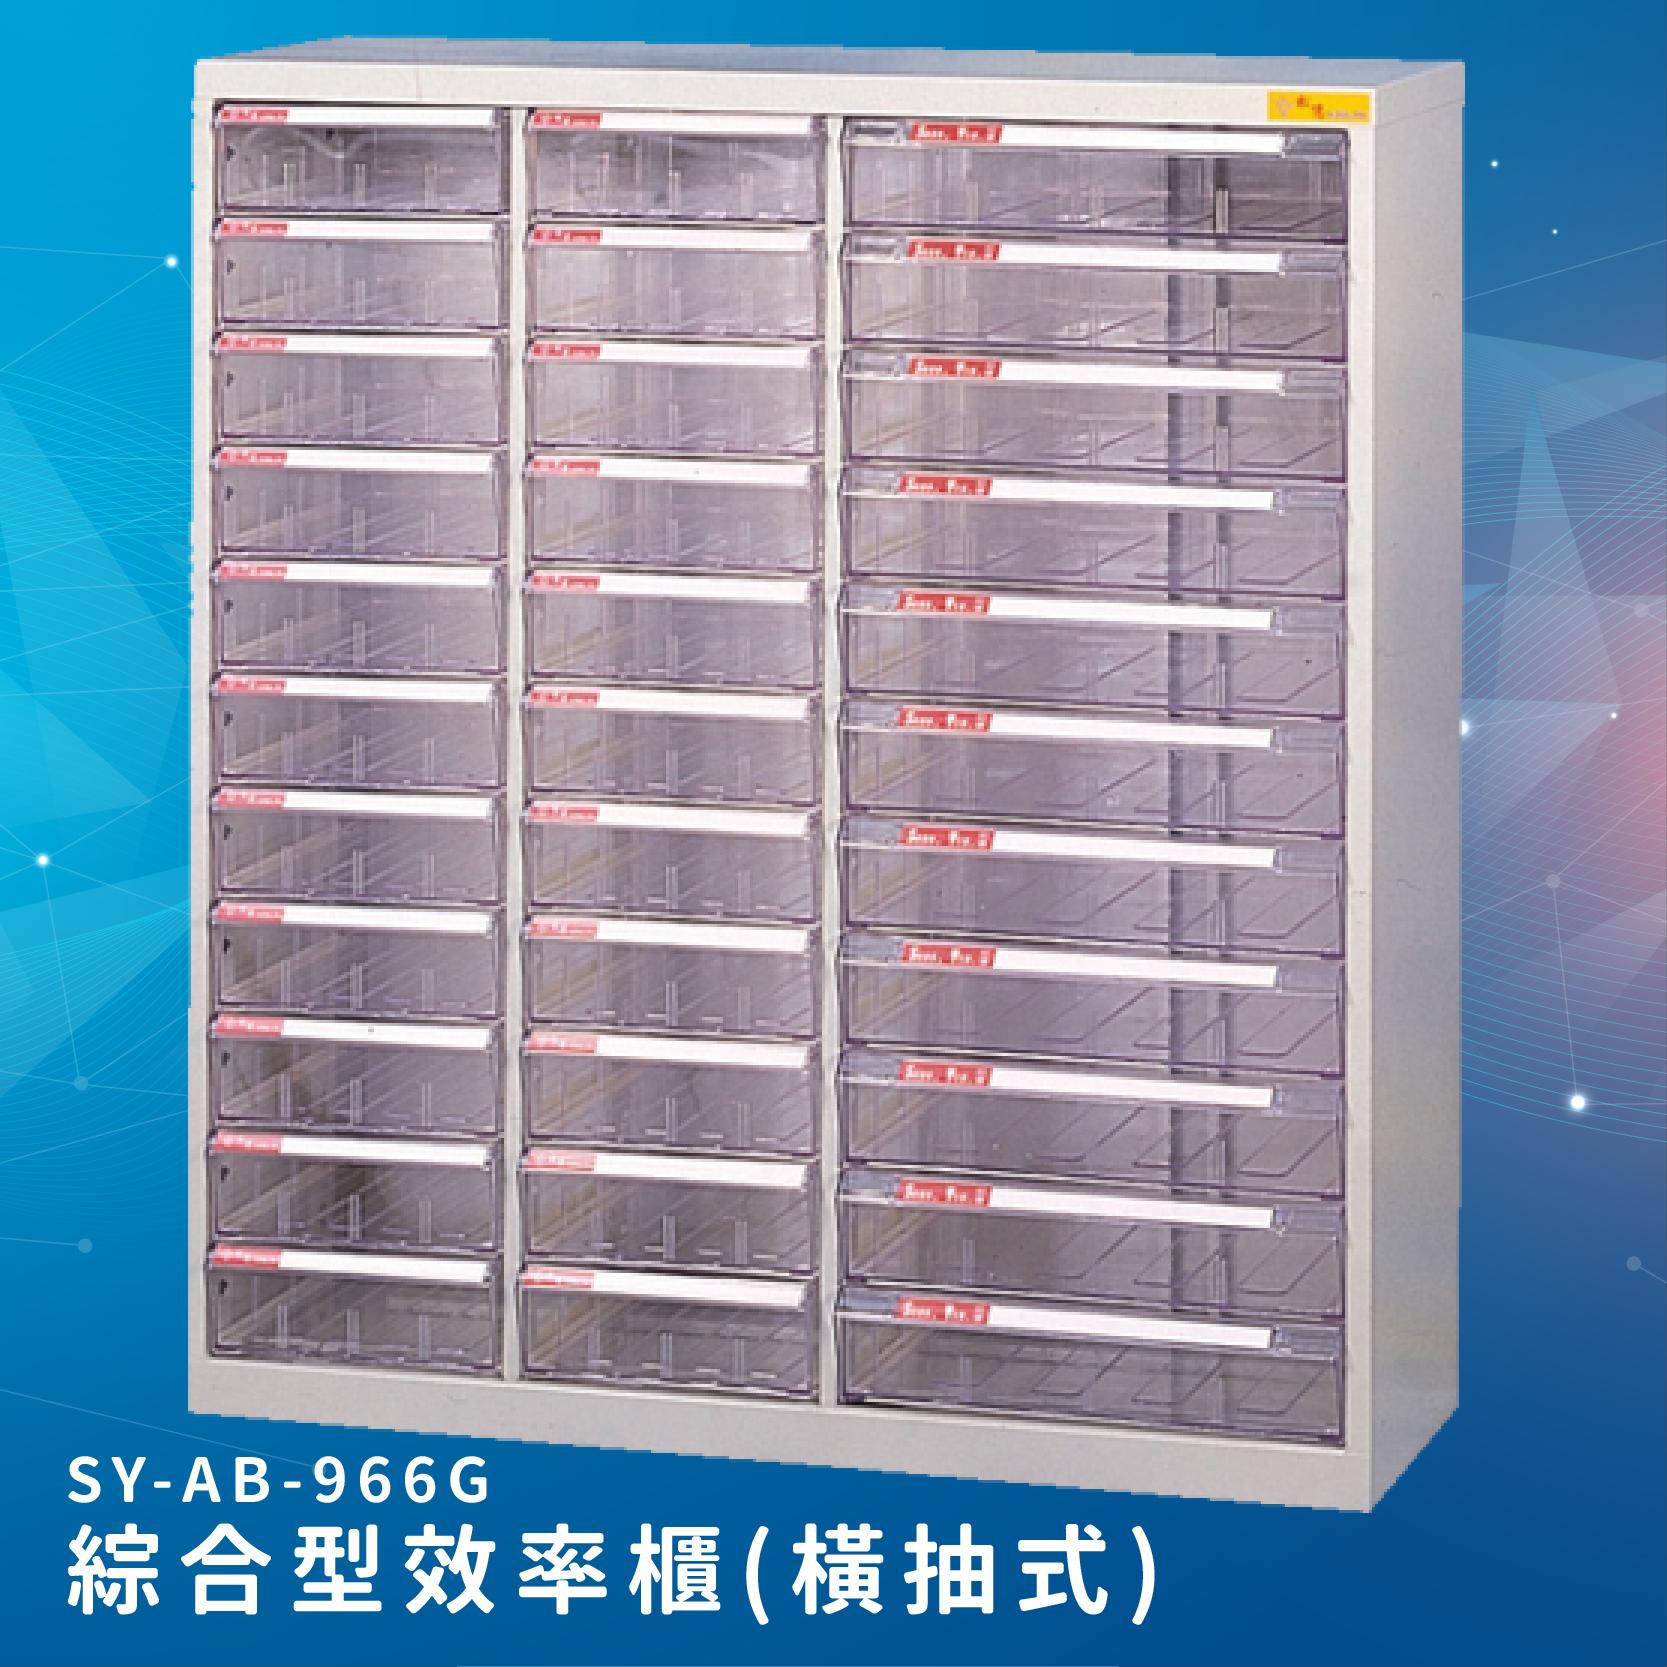 台灣製造【大富】SY-AB-966G 綜合效率櫃(橫抽式) 文件櫃 報表櫃 置物櫃 收納櫃 抽屜 台灣品牌 B4 A4